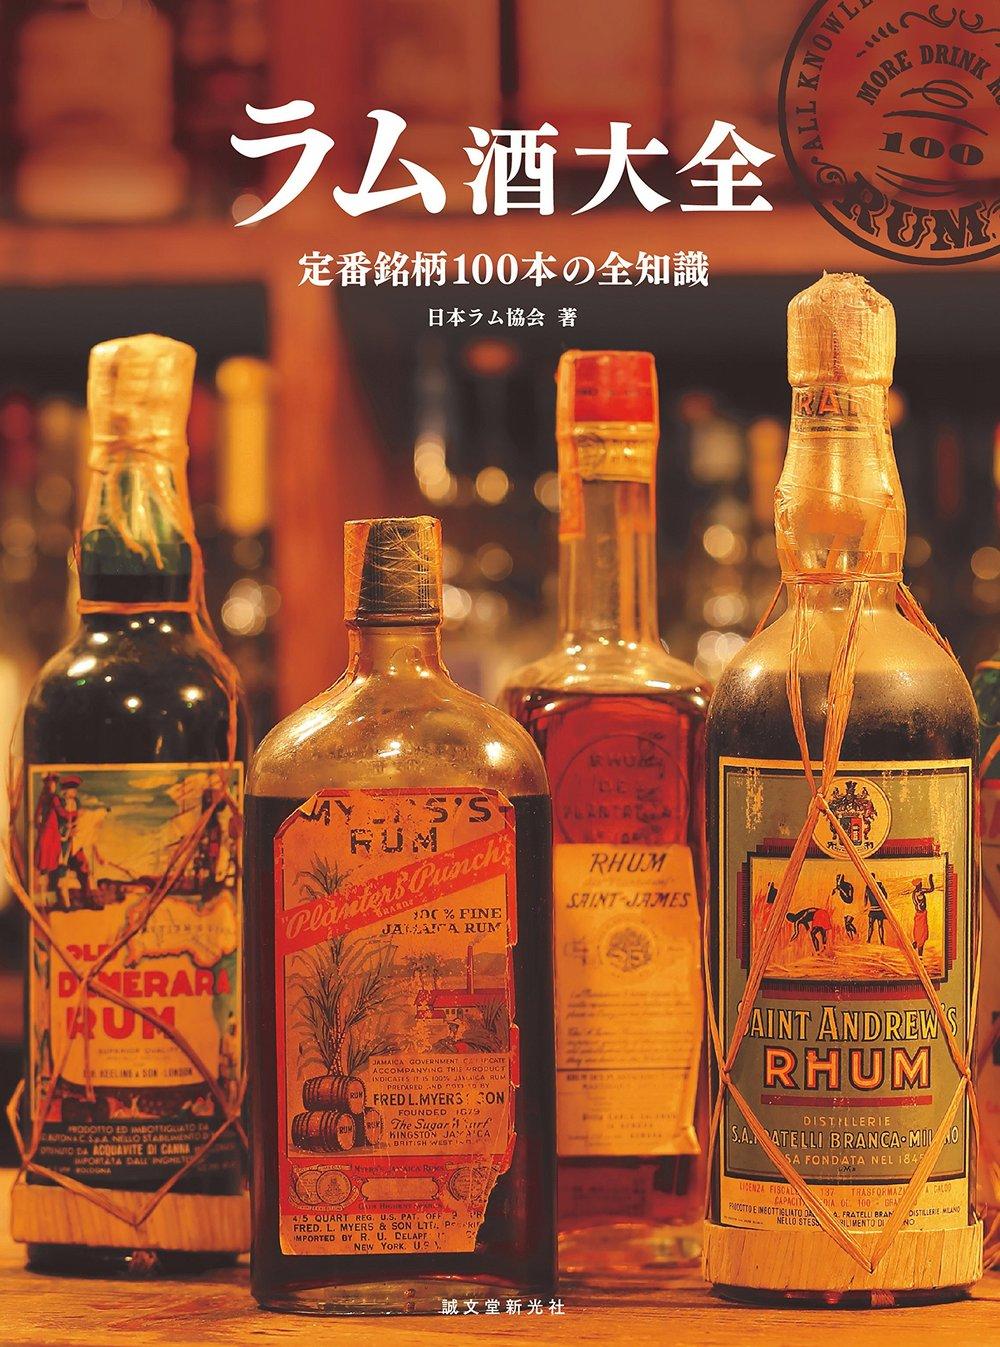 ラム酒大全(ナインリーヴズ)